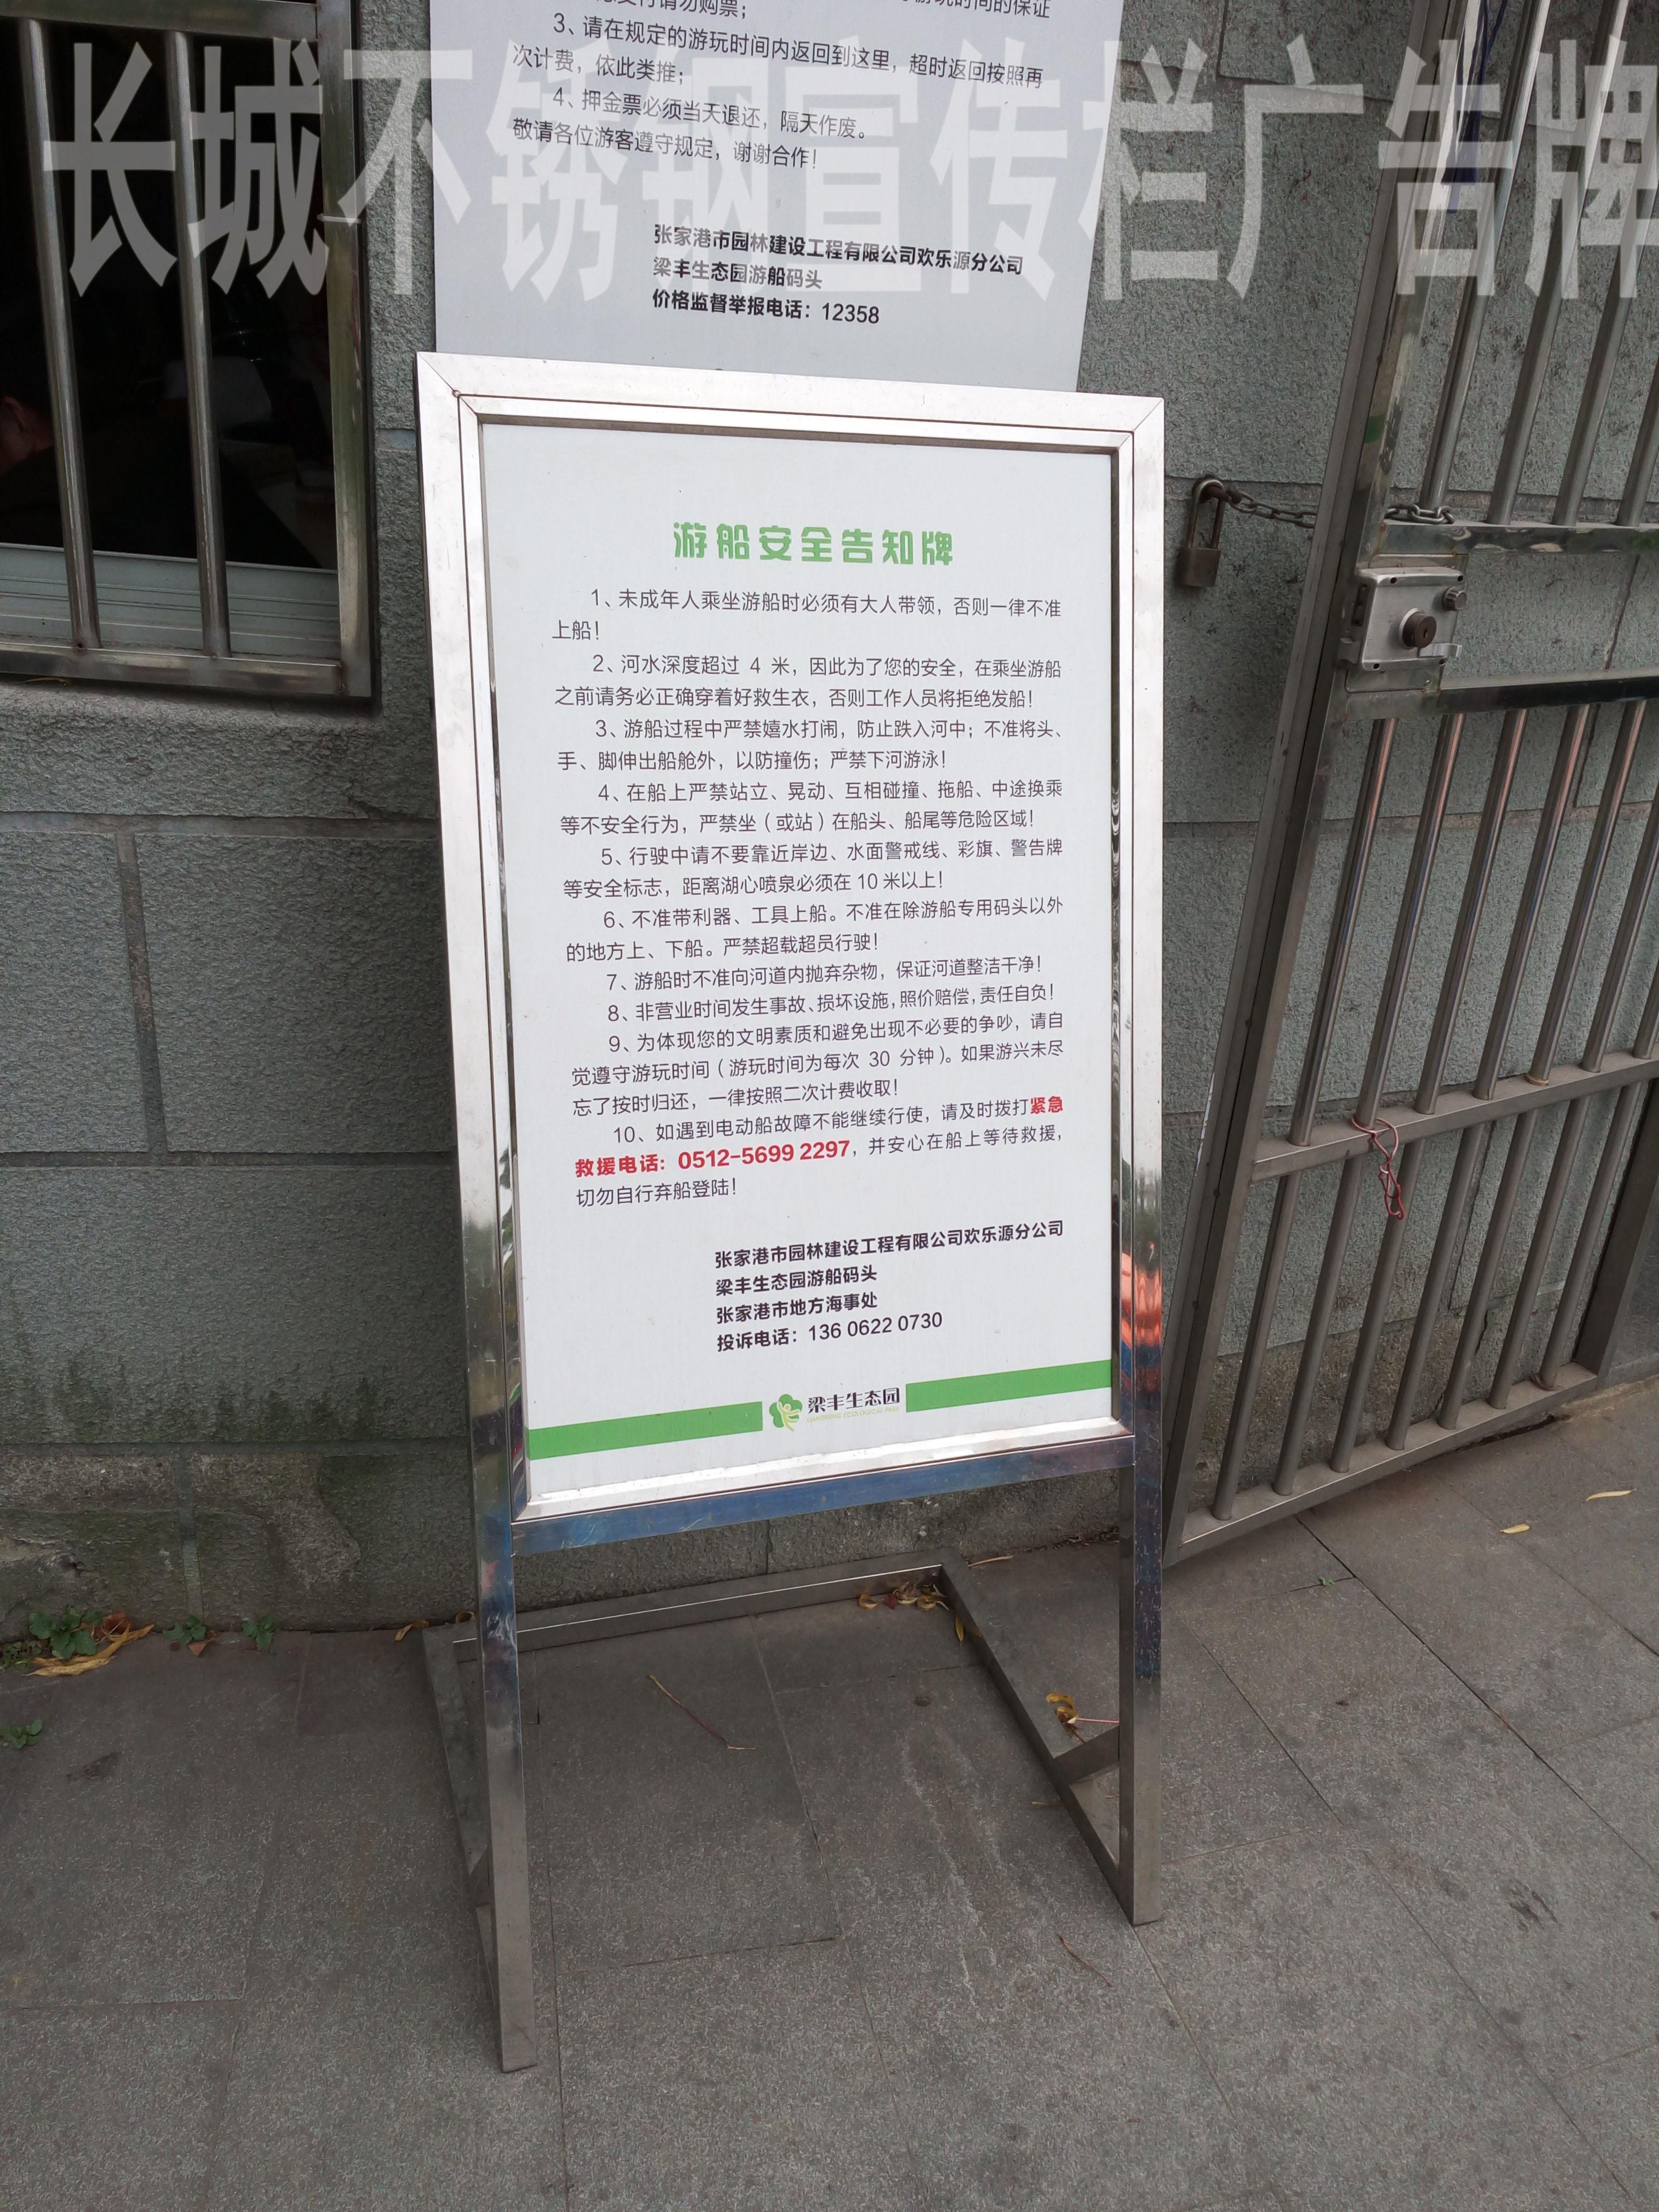 L型不锈钢安全公告牌招生牌招聘展示架酒店广告牌指引牌迎宾海报